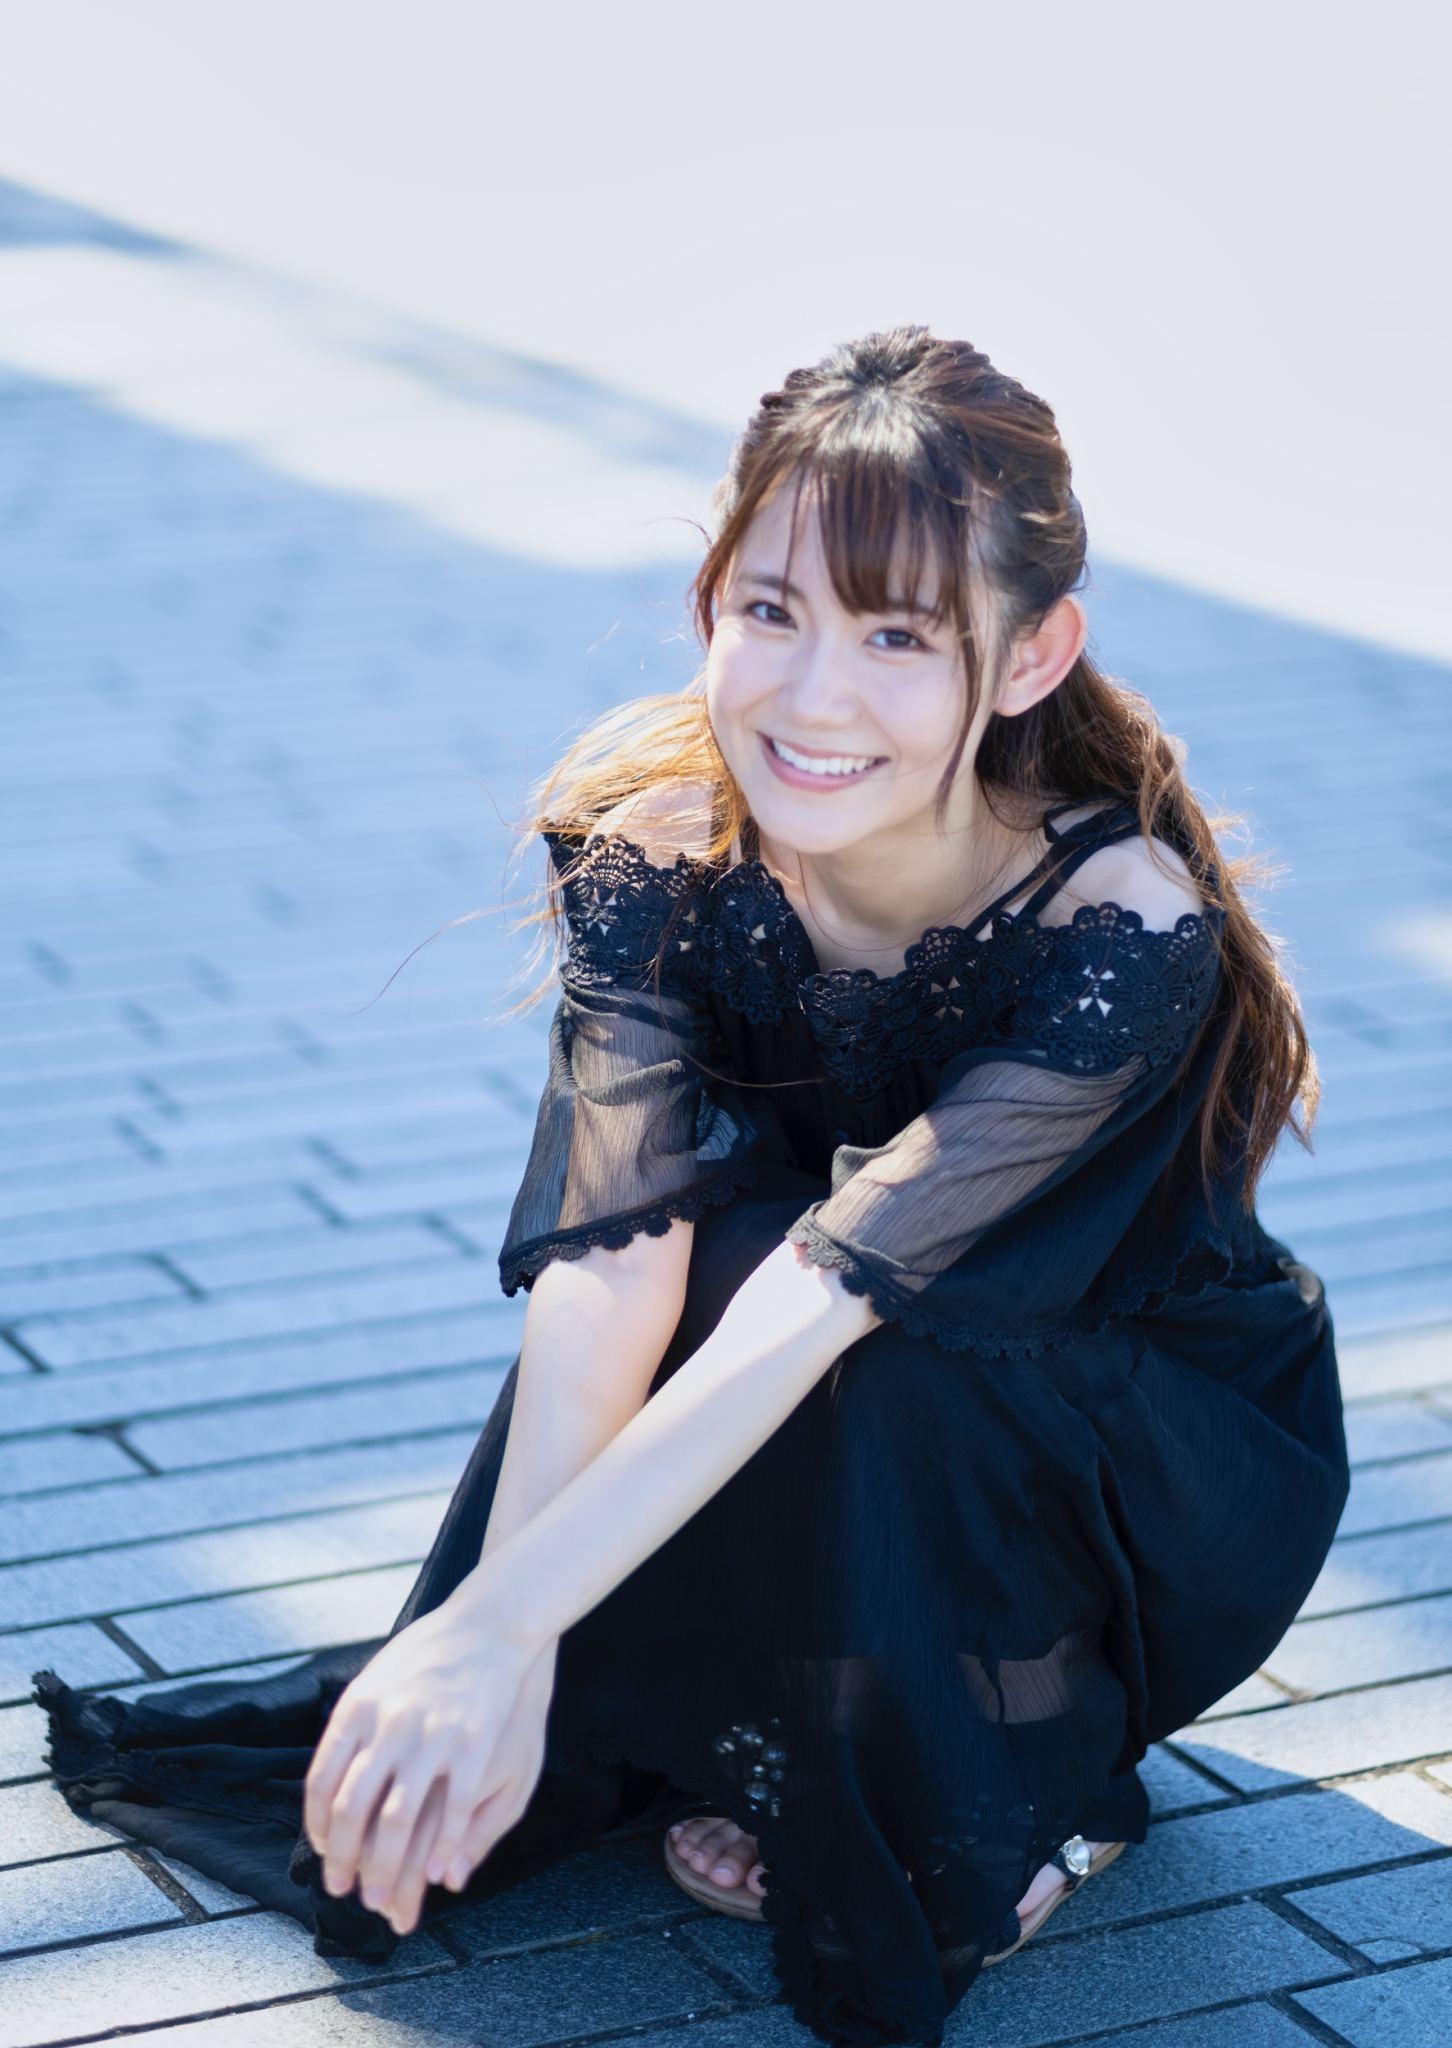 川井マリア/1st写真集「同級生」